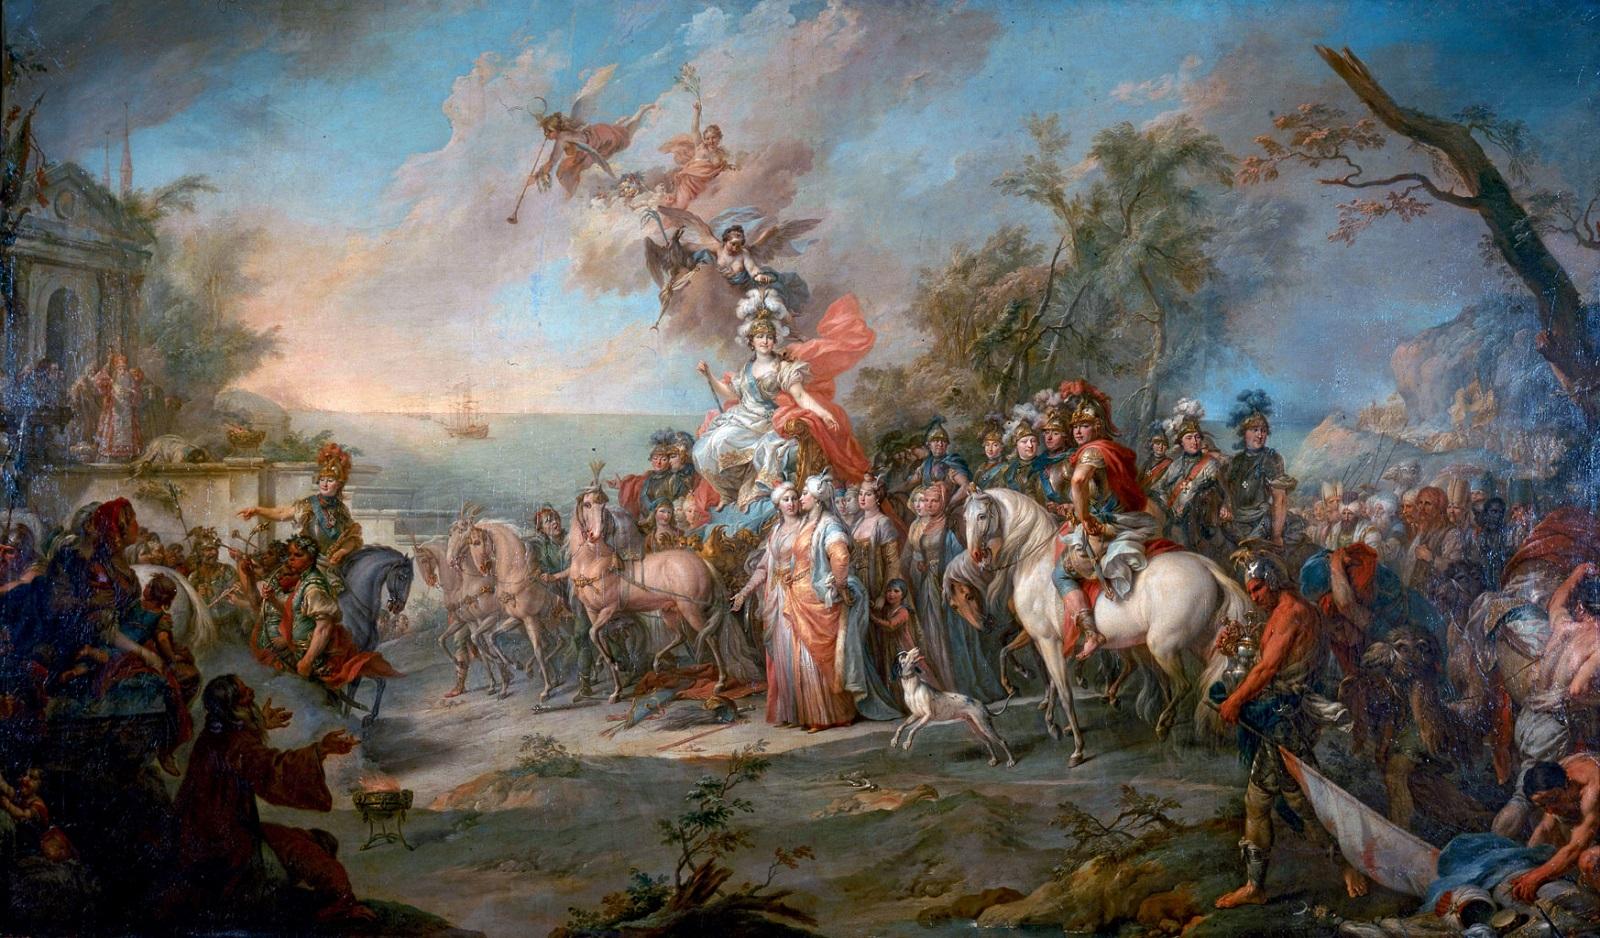 «Аллегория победы Екатерины II над турками и татарами» Стефано Торелли, 1772.